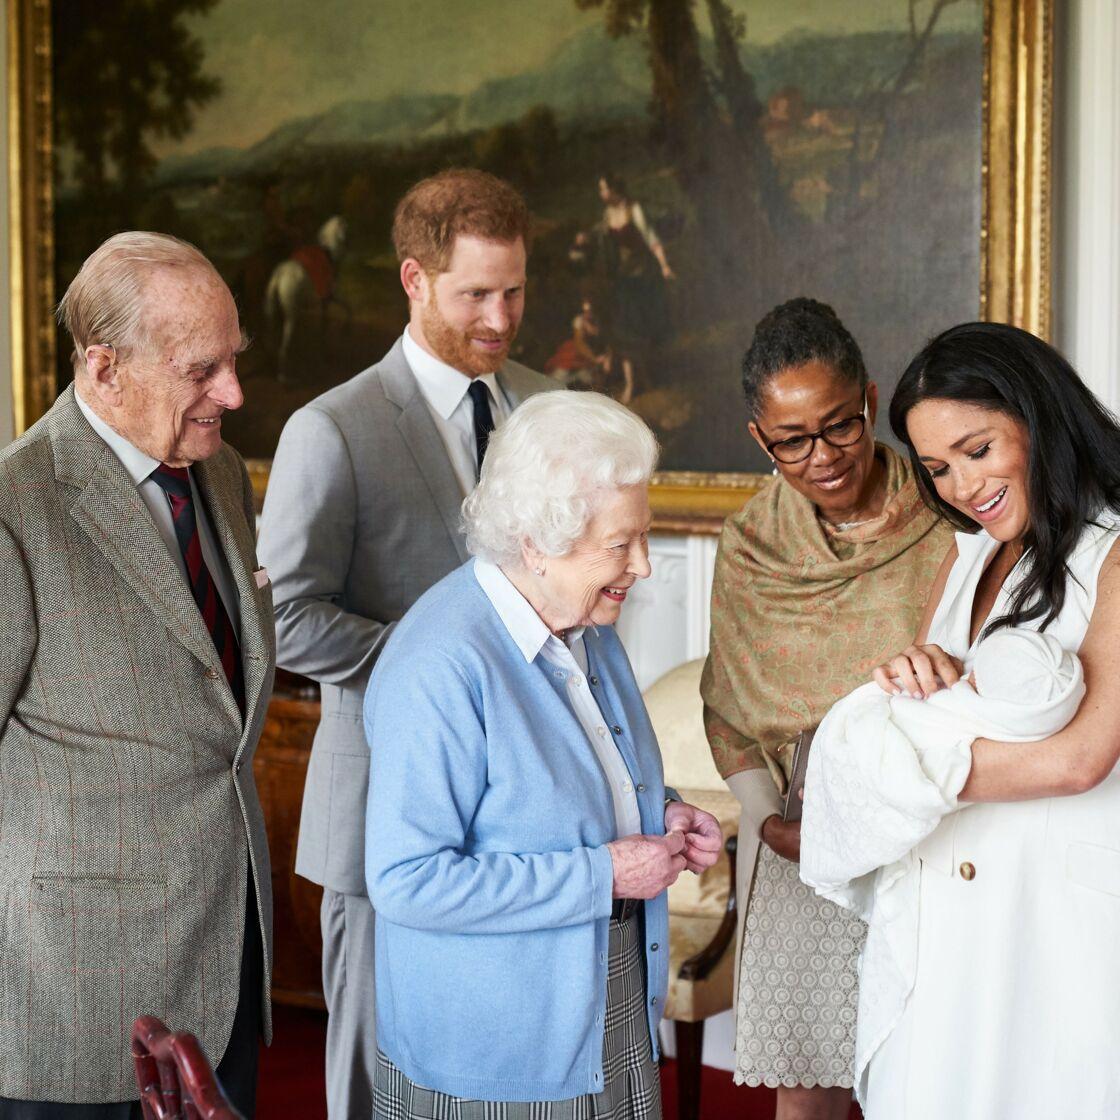 La dernière apparition officielle de Doria Ragland avec Harry, Meghan, la reine et le prince Philip au château de Windsor, quelques jours après la naissance du petit Archie, en mai 2019